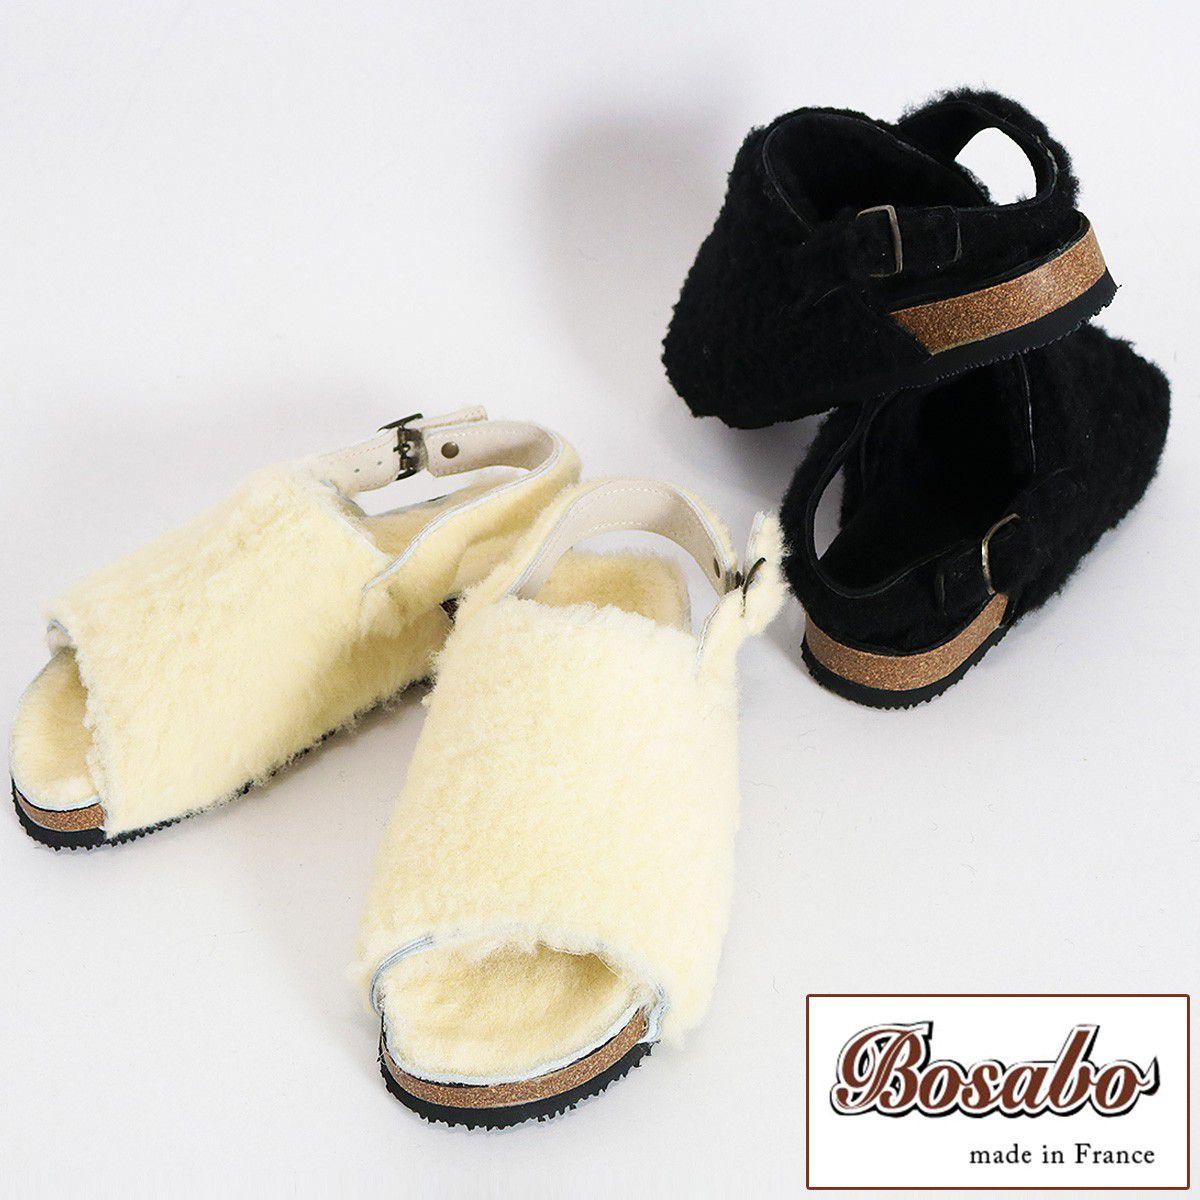 BOSABO ボサボ 379-W-288 ムートンサンダル ブラック ホワイト | 羊 ファー ムートン サンダル 17AW/新作/送料無料